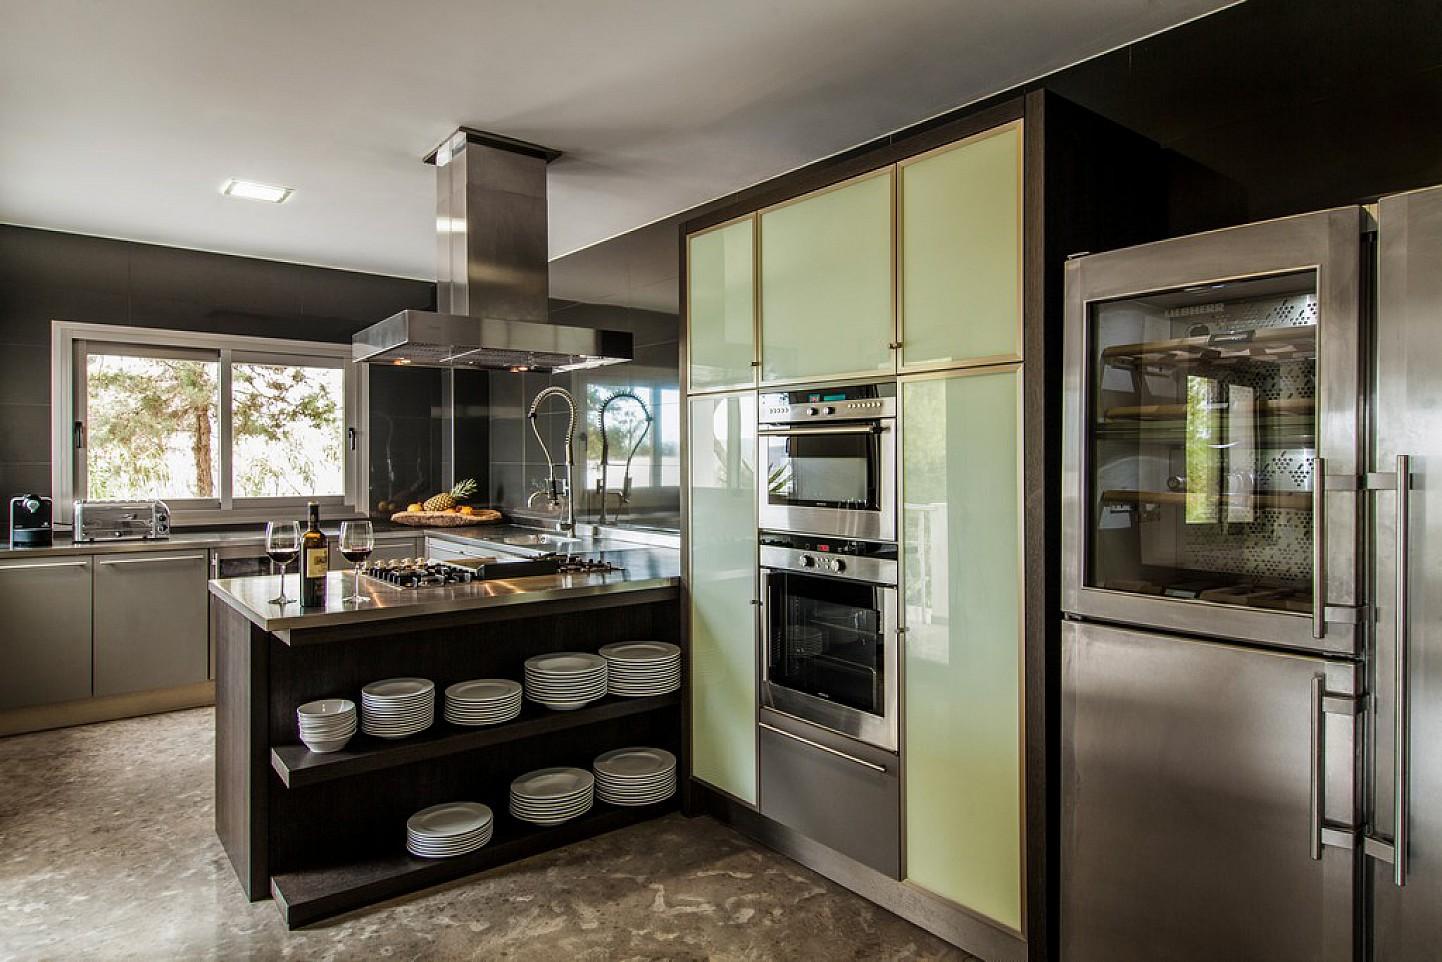 Cocina de exclusiva villa con fantasticas vistas en alquiler, Ibiza